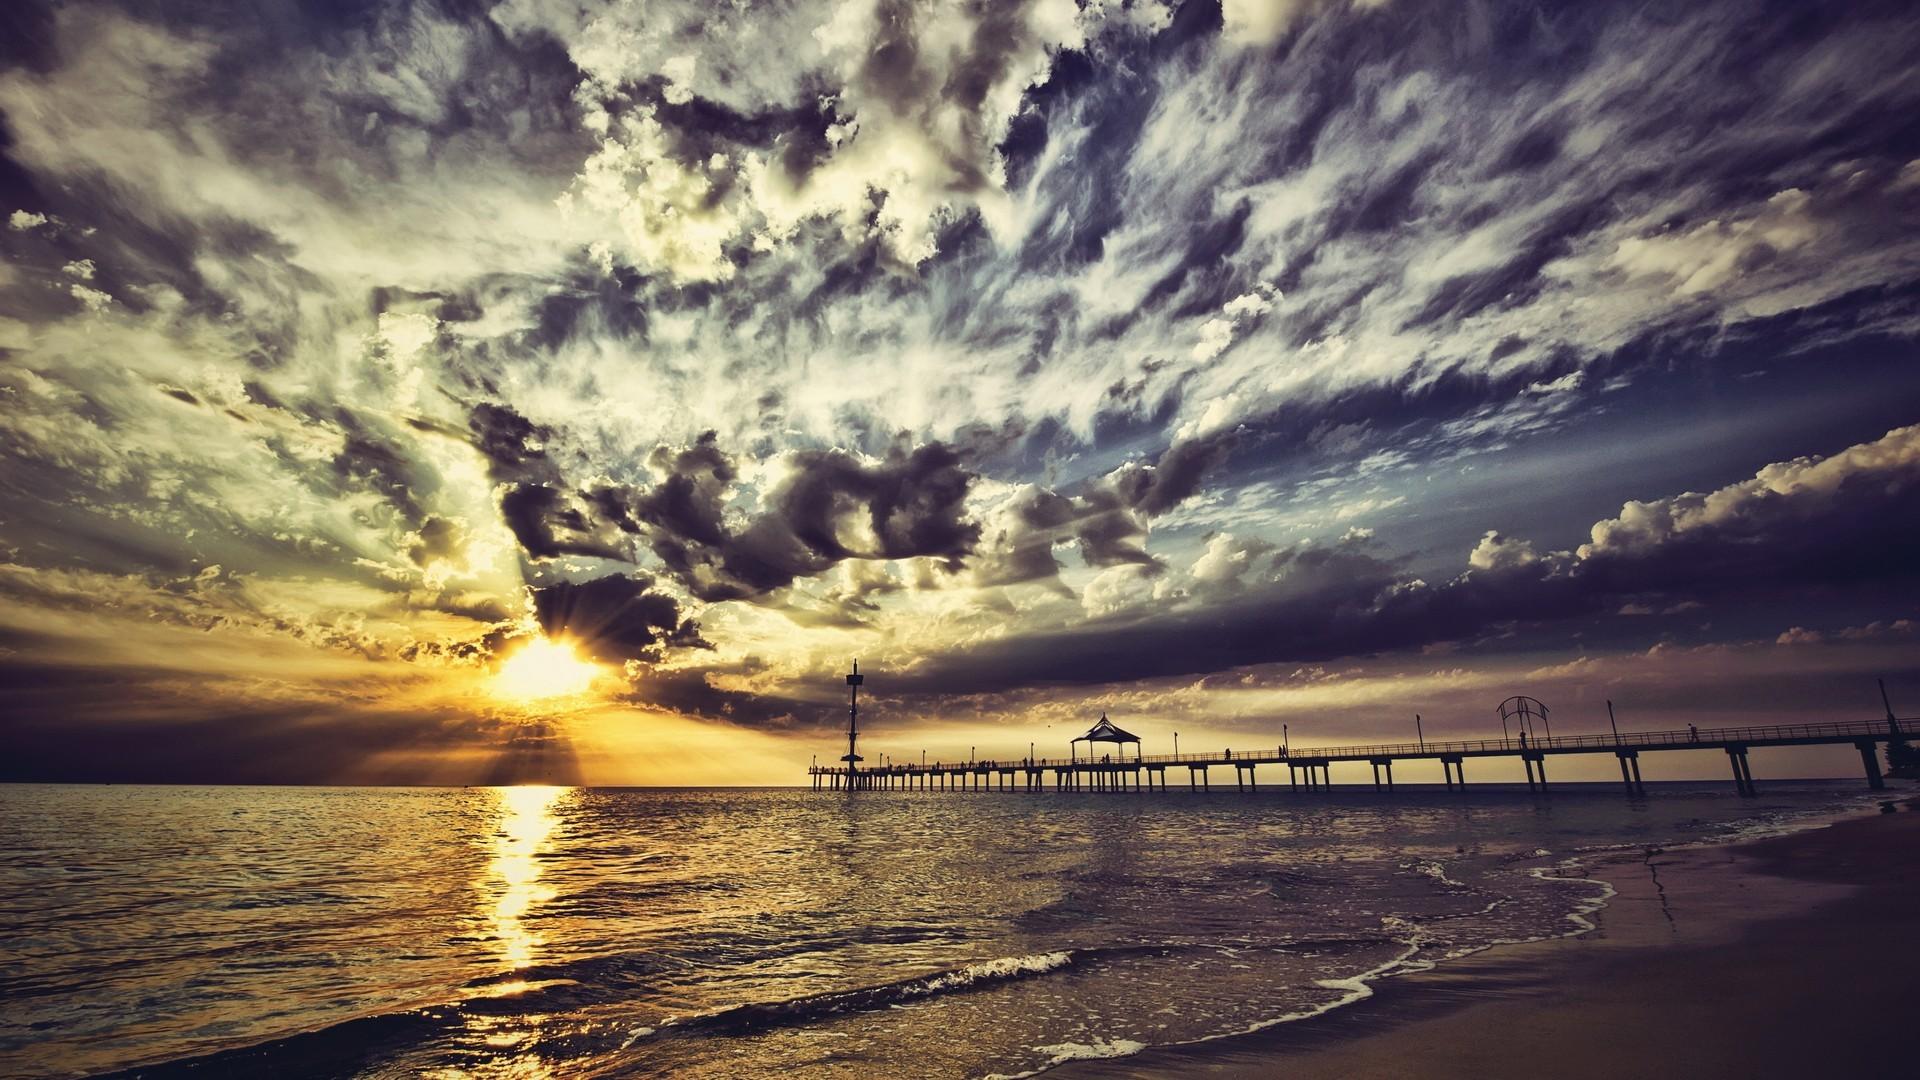 デスクトップ壁紙 日光 日没 海岸 反射 空 ビーチ 日の出